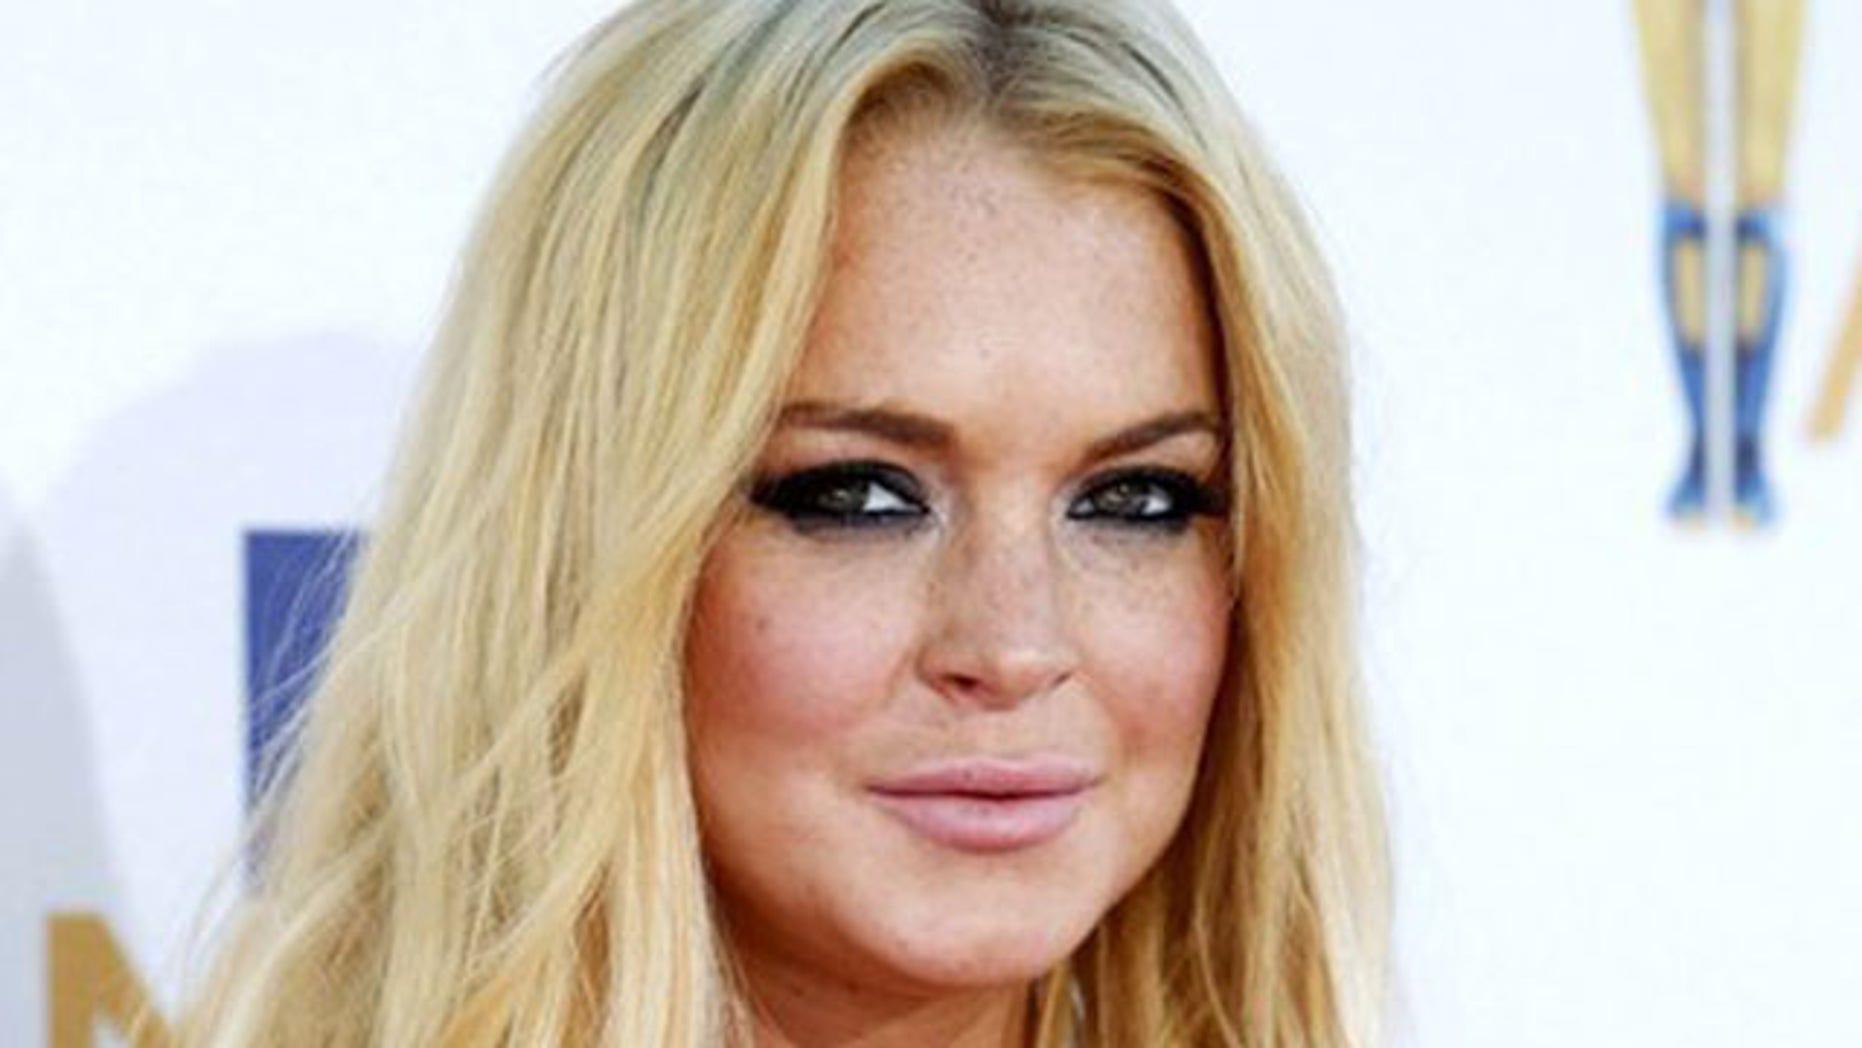 KAYLA: Lindsay lohan talks oral sex